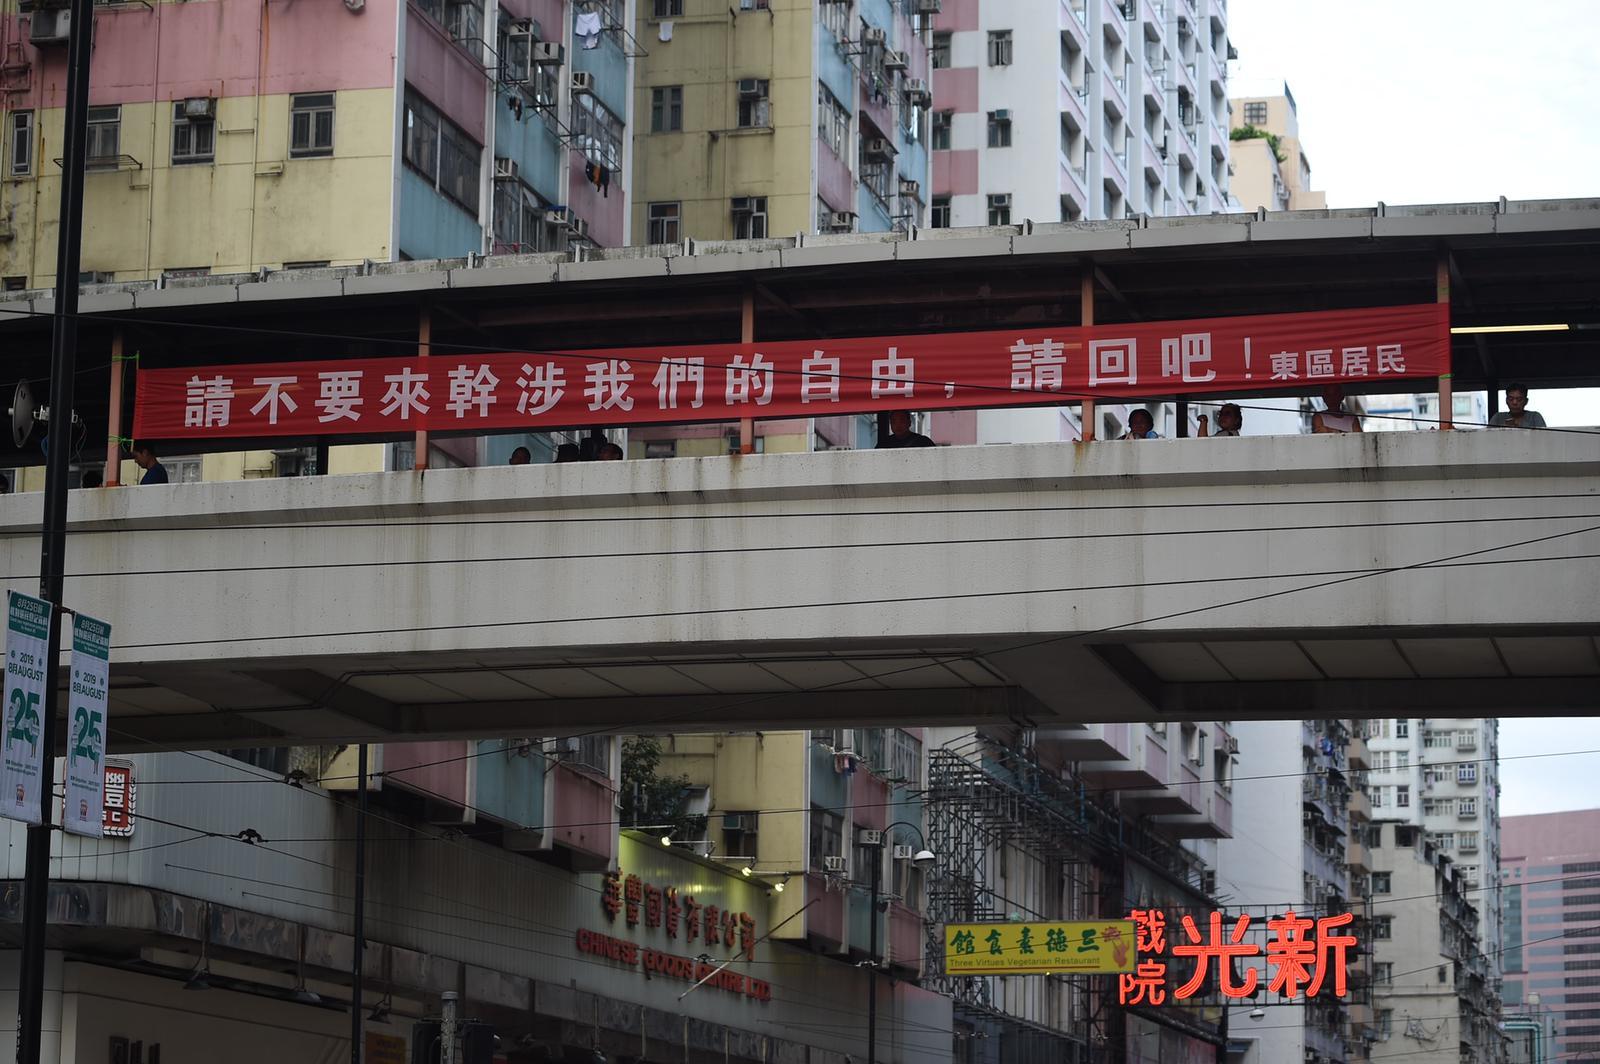 有人在橋上掛橫額。